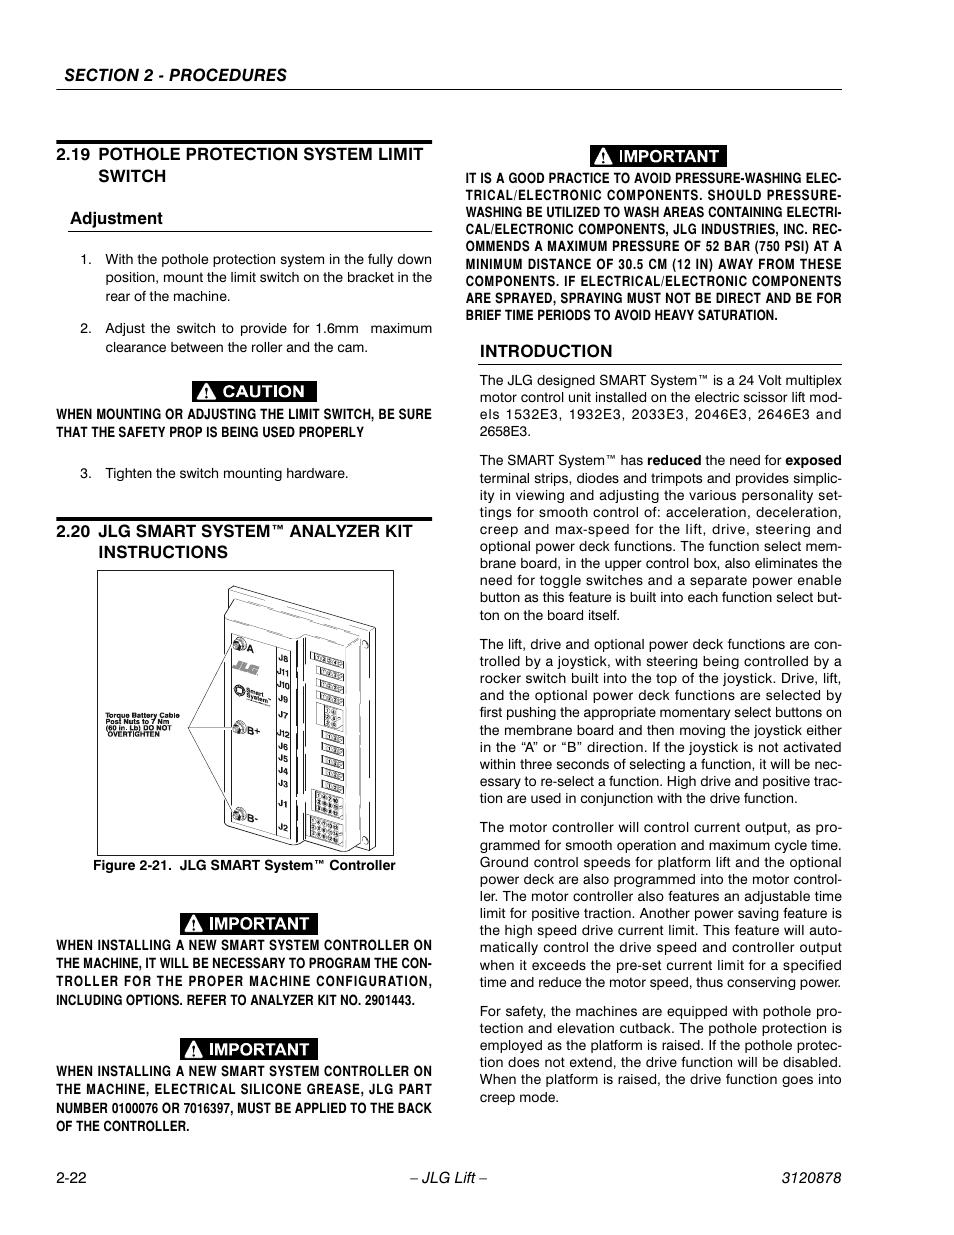 ... perfect jlg 2630es scissor lift wiring diagram crest wiring JLG 1932 Scissor  Lift Wiring Diagram jlg